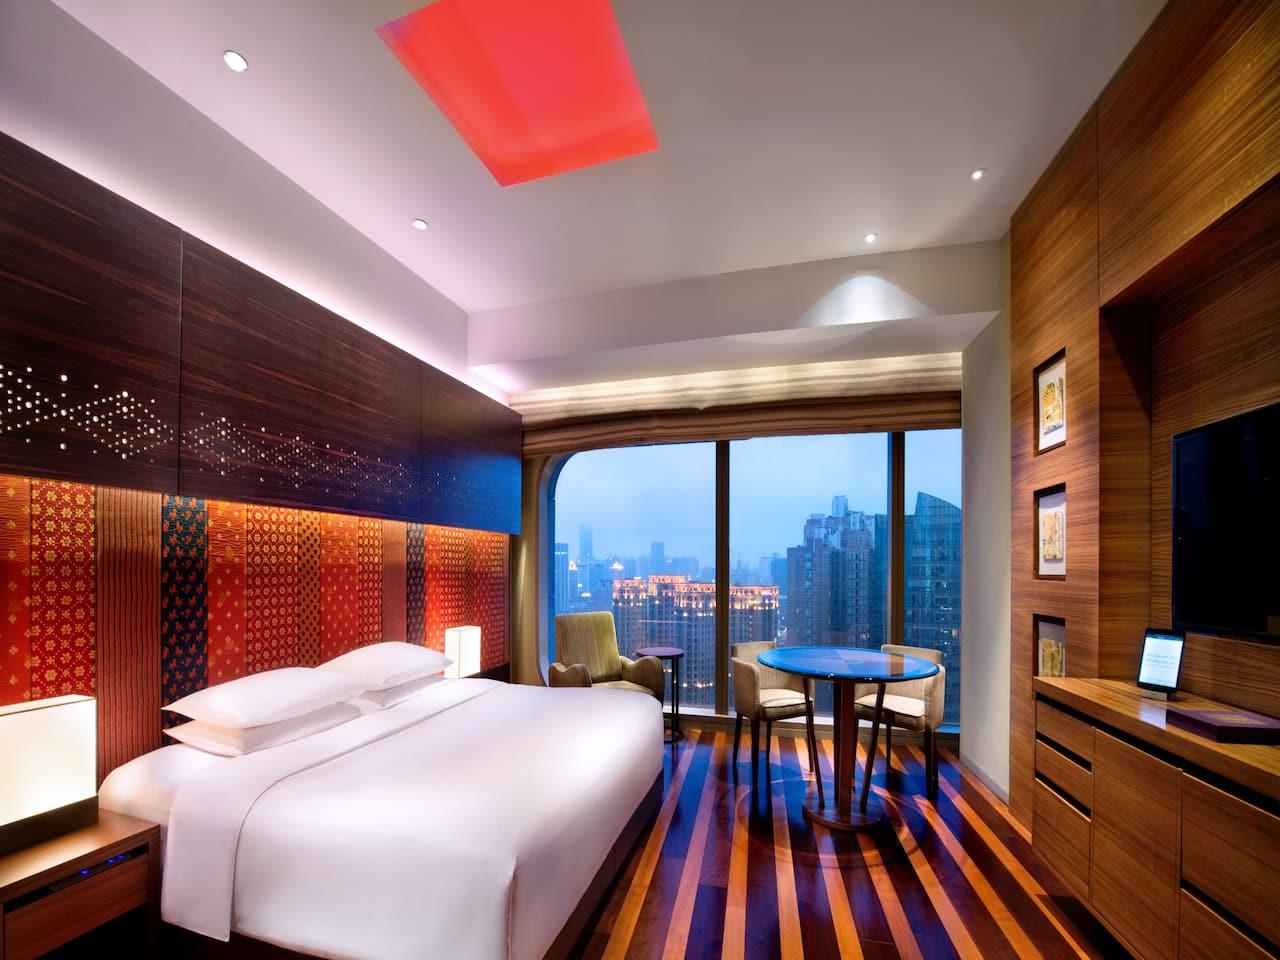 安达仕新天地景观大床房